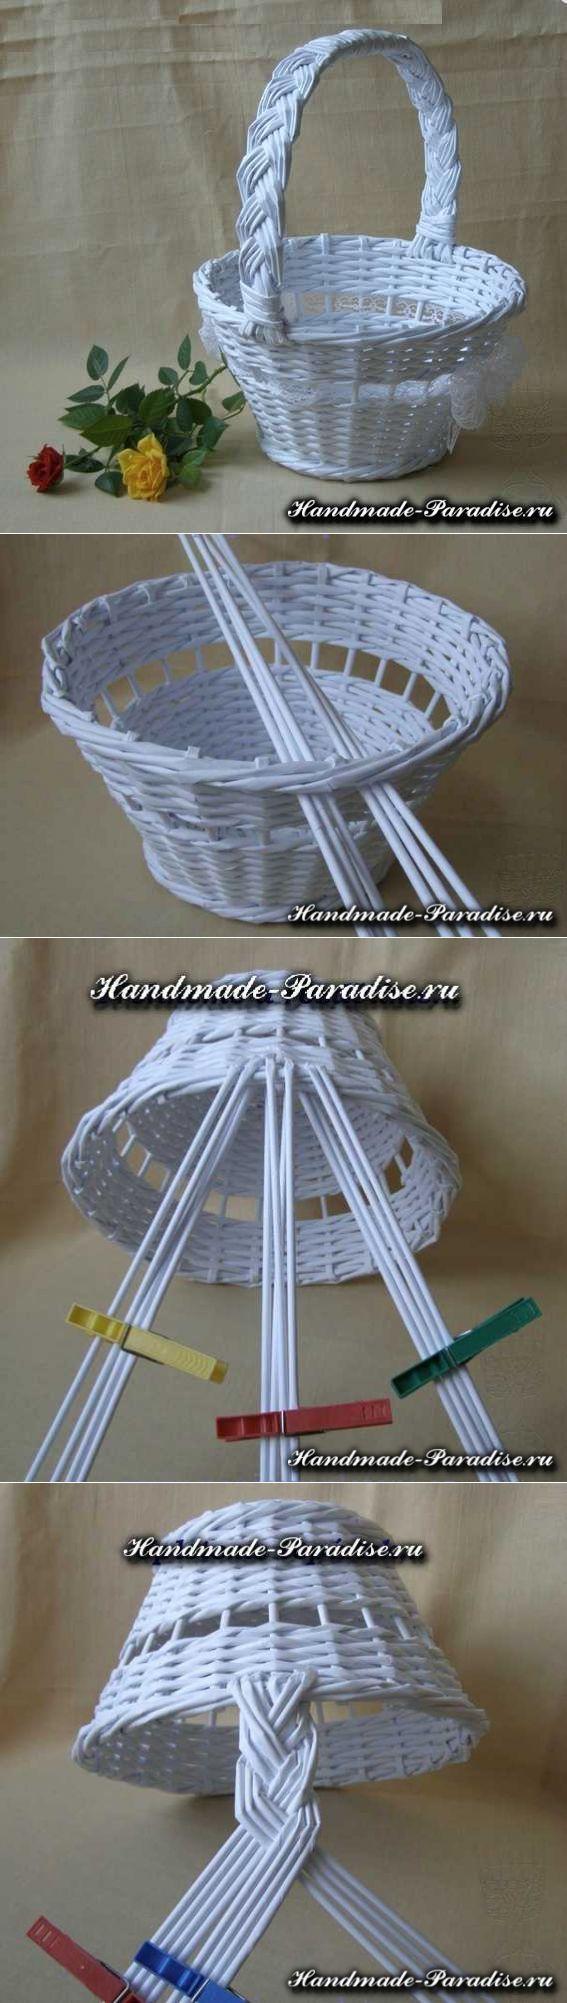 Как сплести ручку для корзинки из газет - Handmade-Paradise